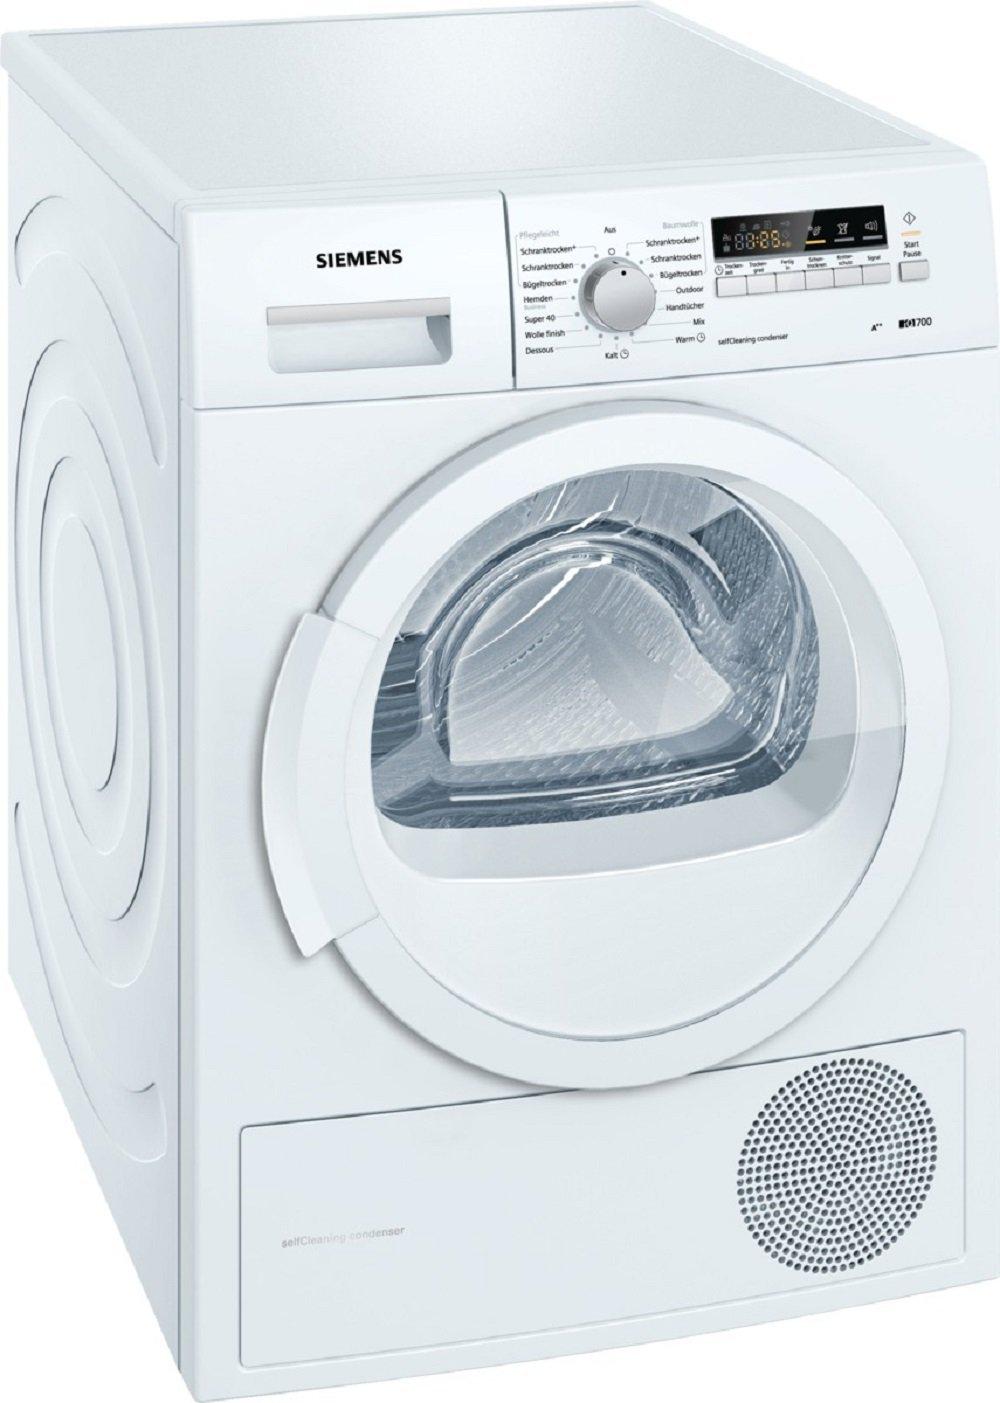 Migliori Lavatrici - Siemens iQ 700